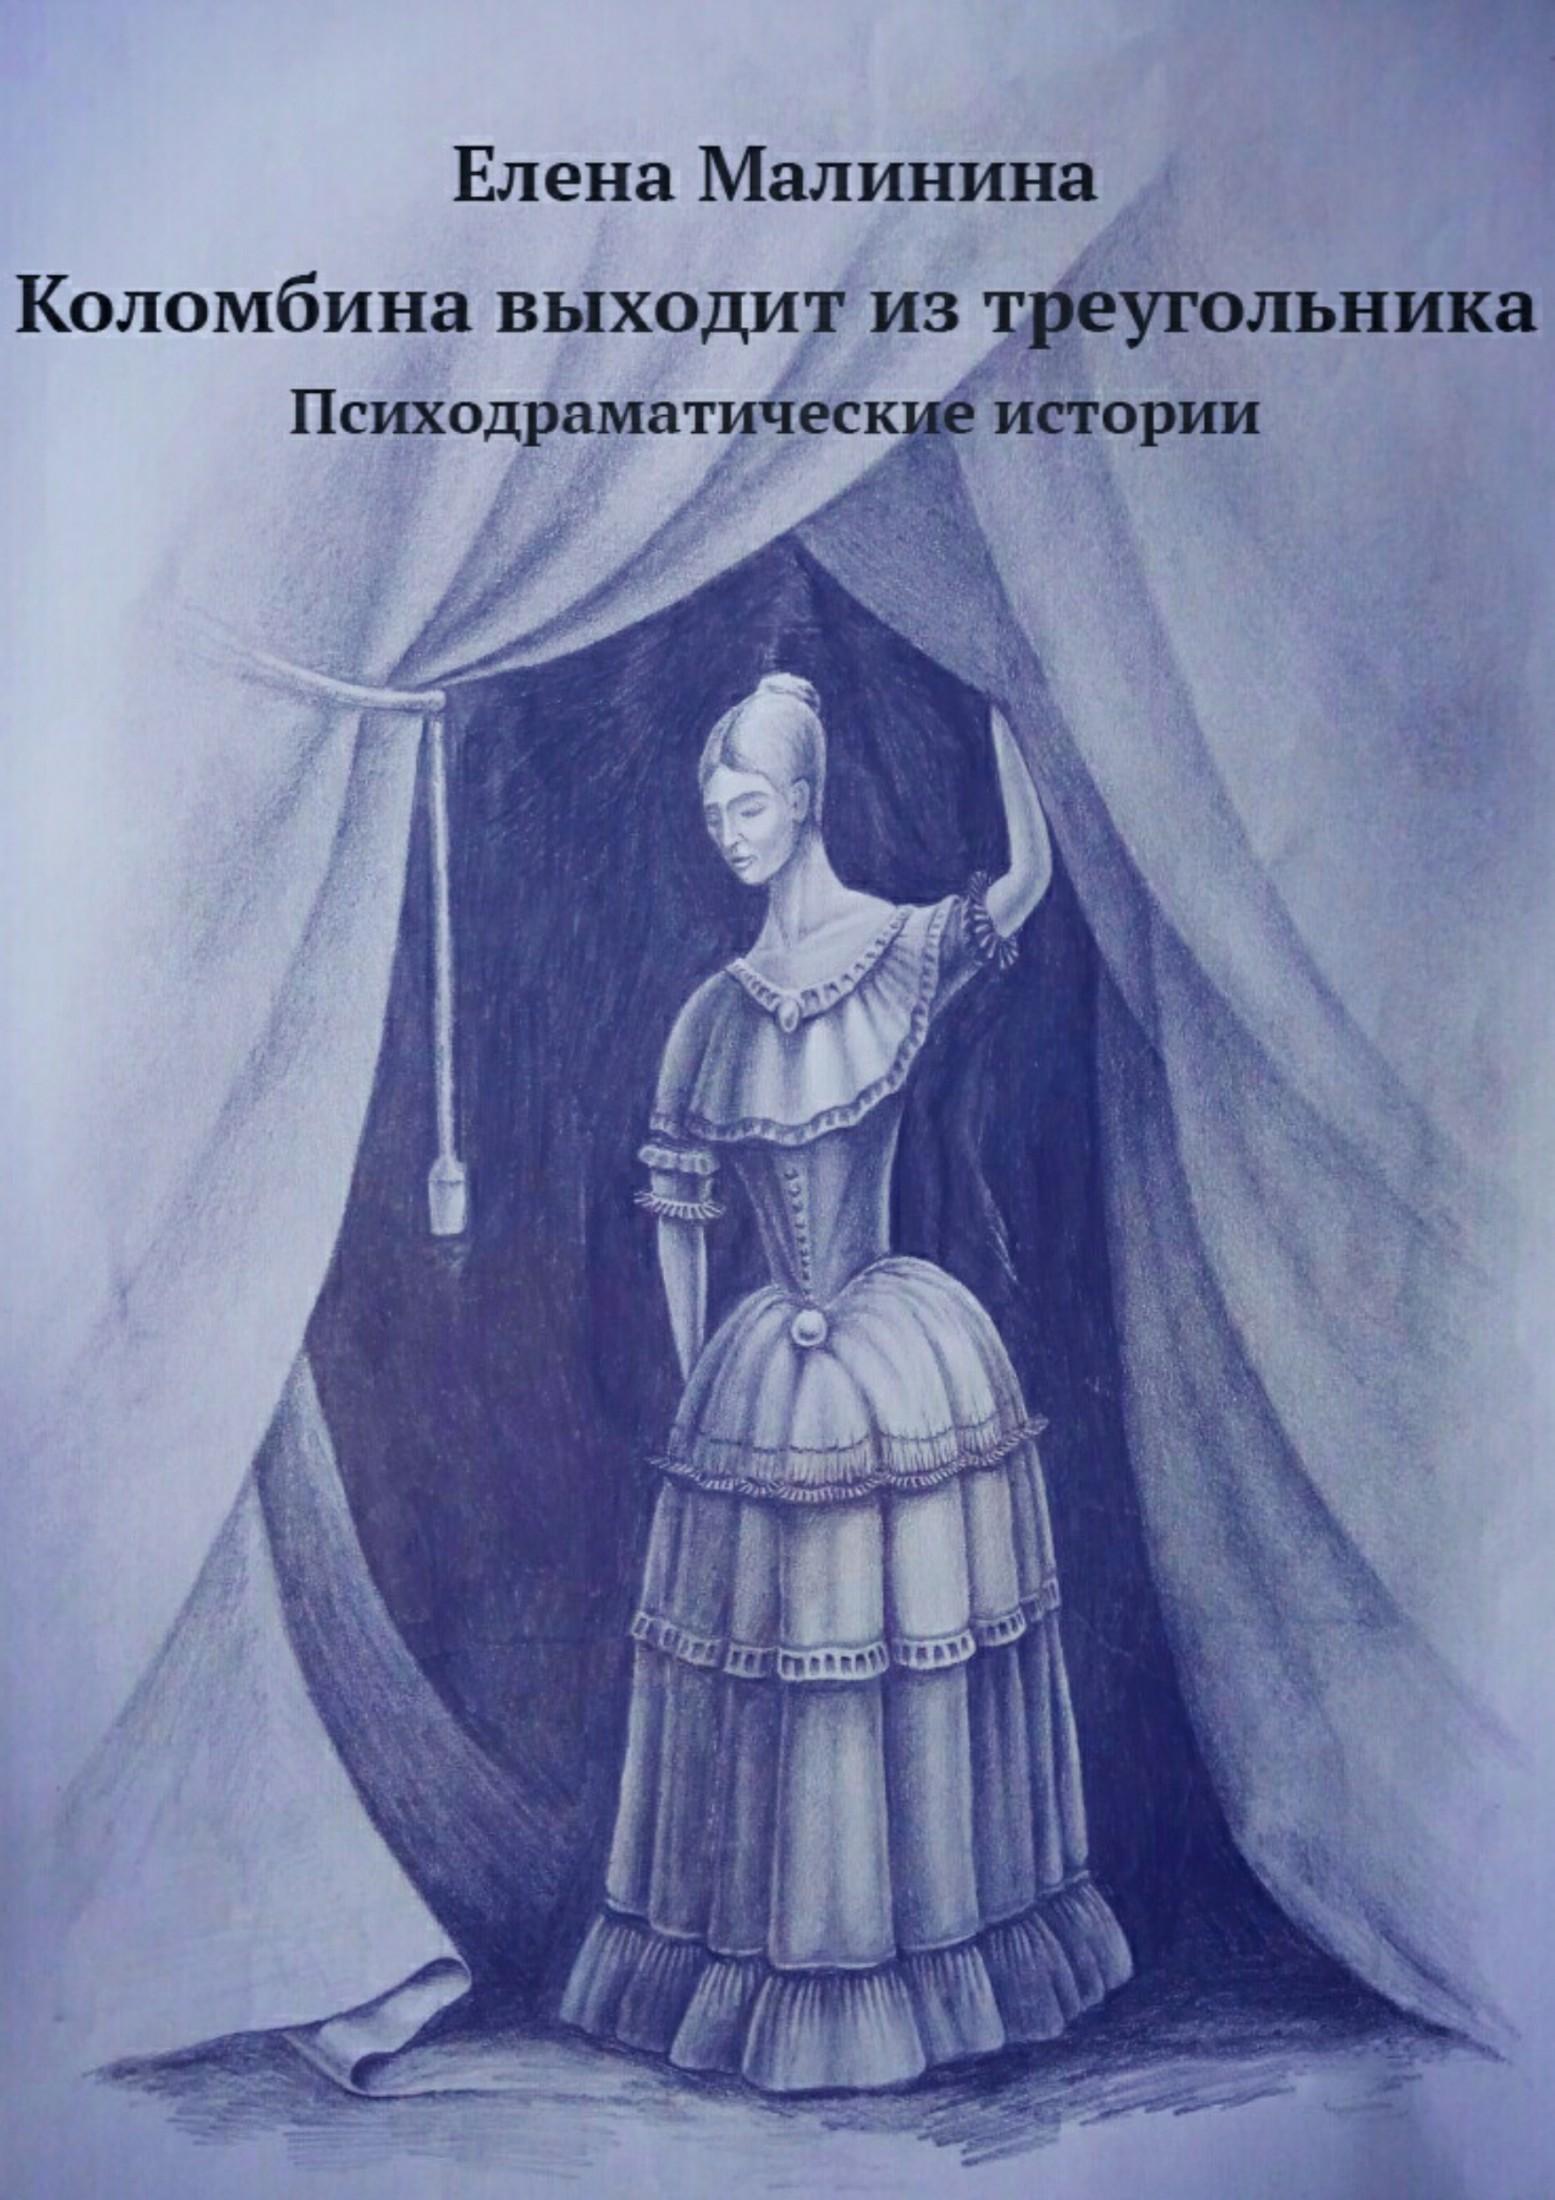 Елена Викторовна Малинина. Коломбина выходит из треугольника. Сборник